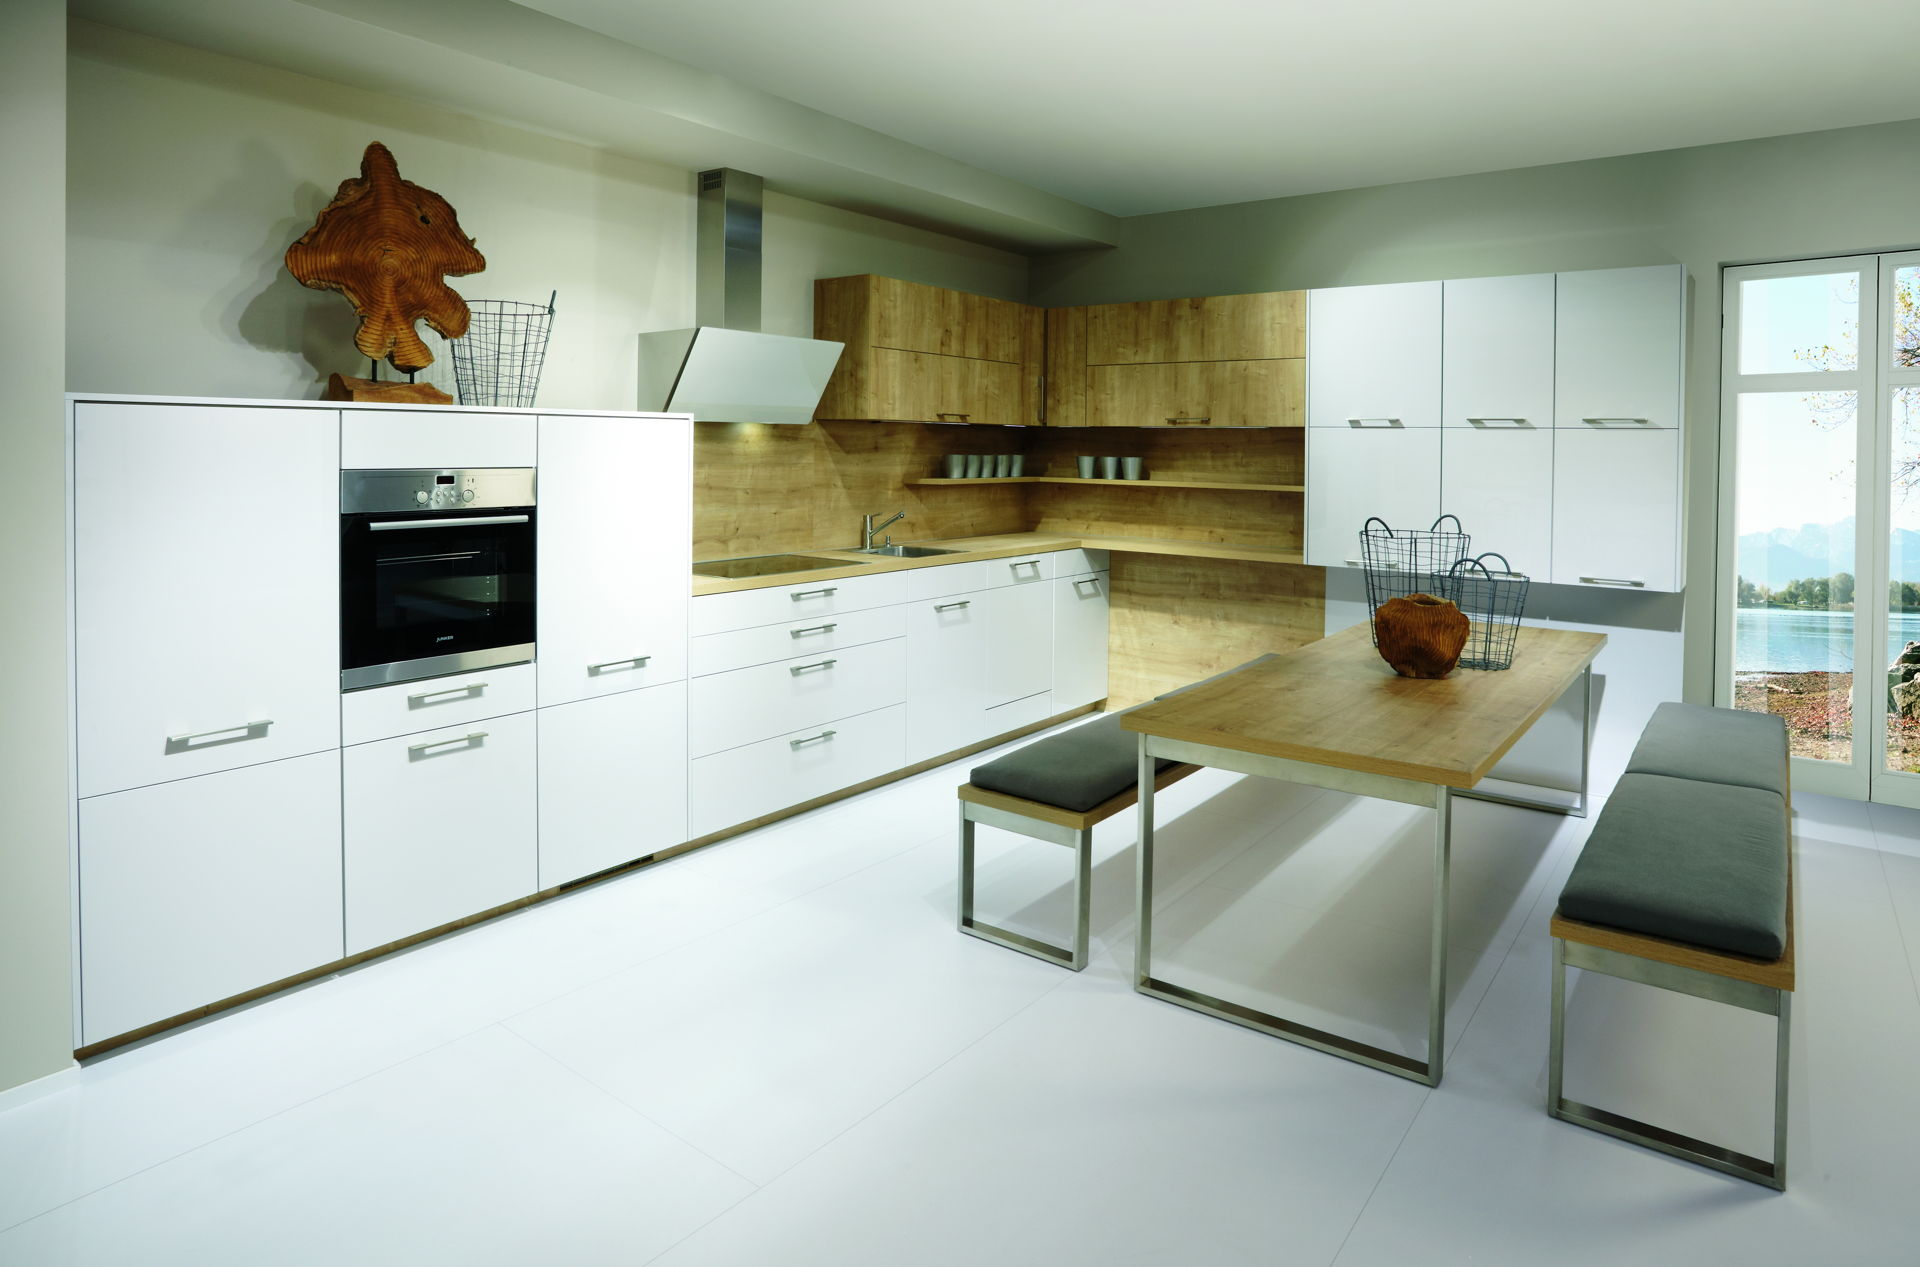 Tienda de muebles de cocina en puerto de la cruz tenerife for Almacen para cocina